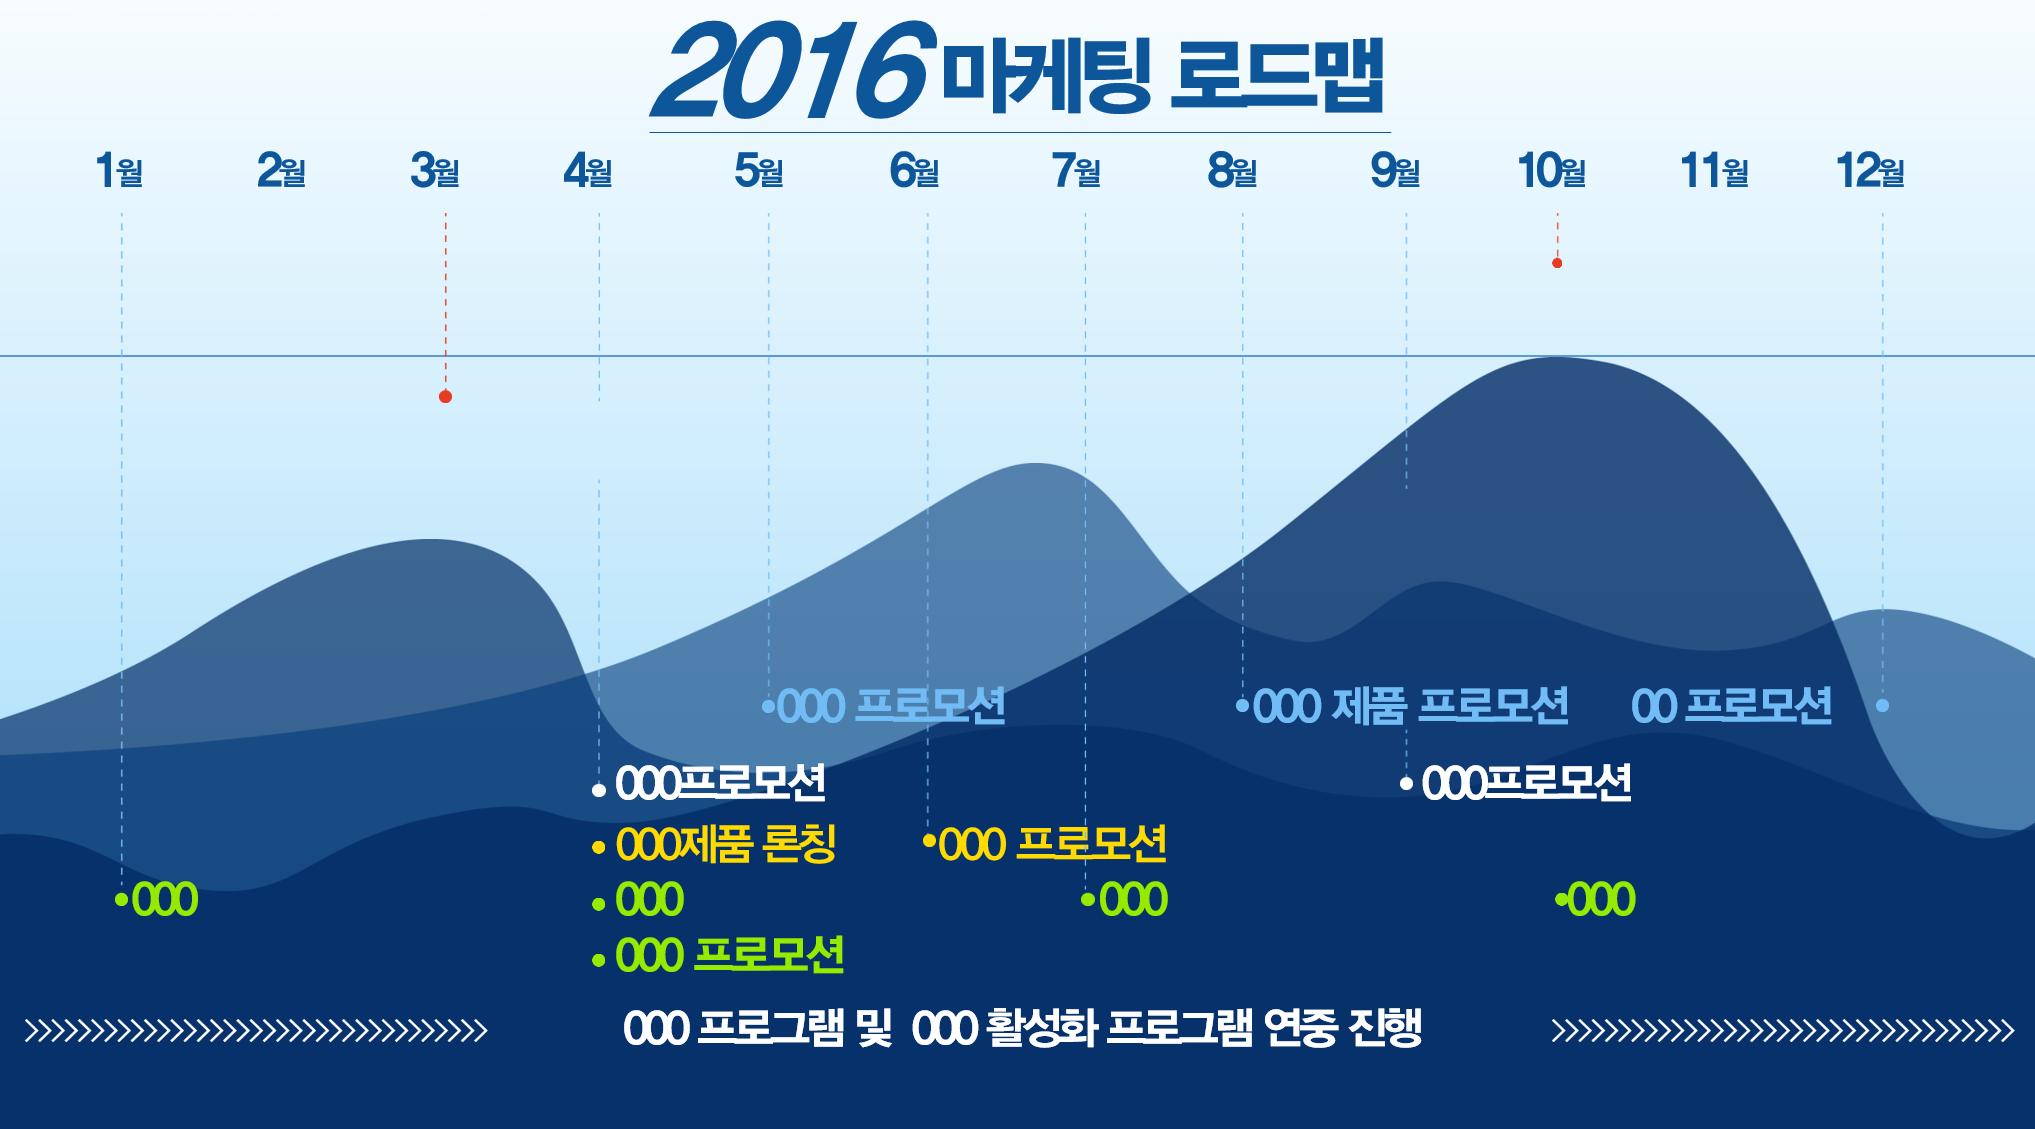 2016 뉴스킨 마케팅 로드맵